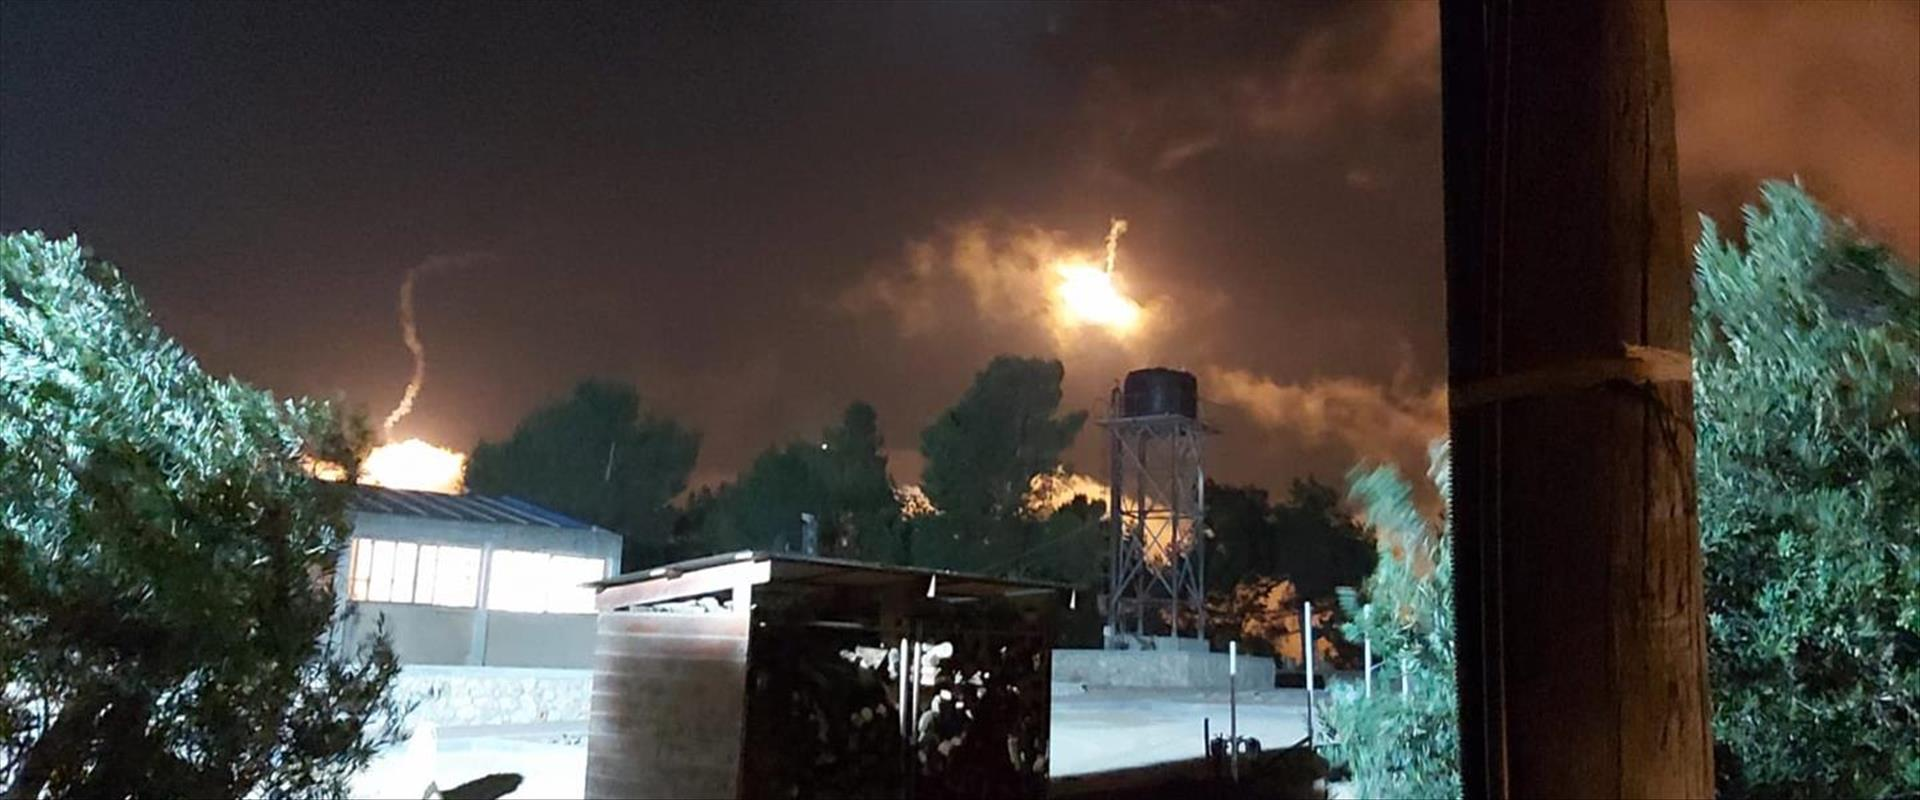 ירי פצצות תאורה סמוך למנרה בצפון